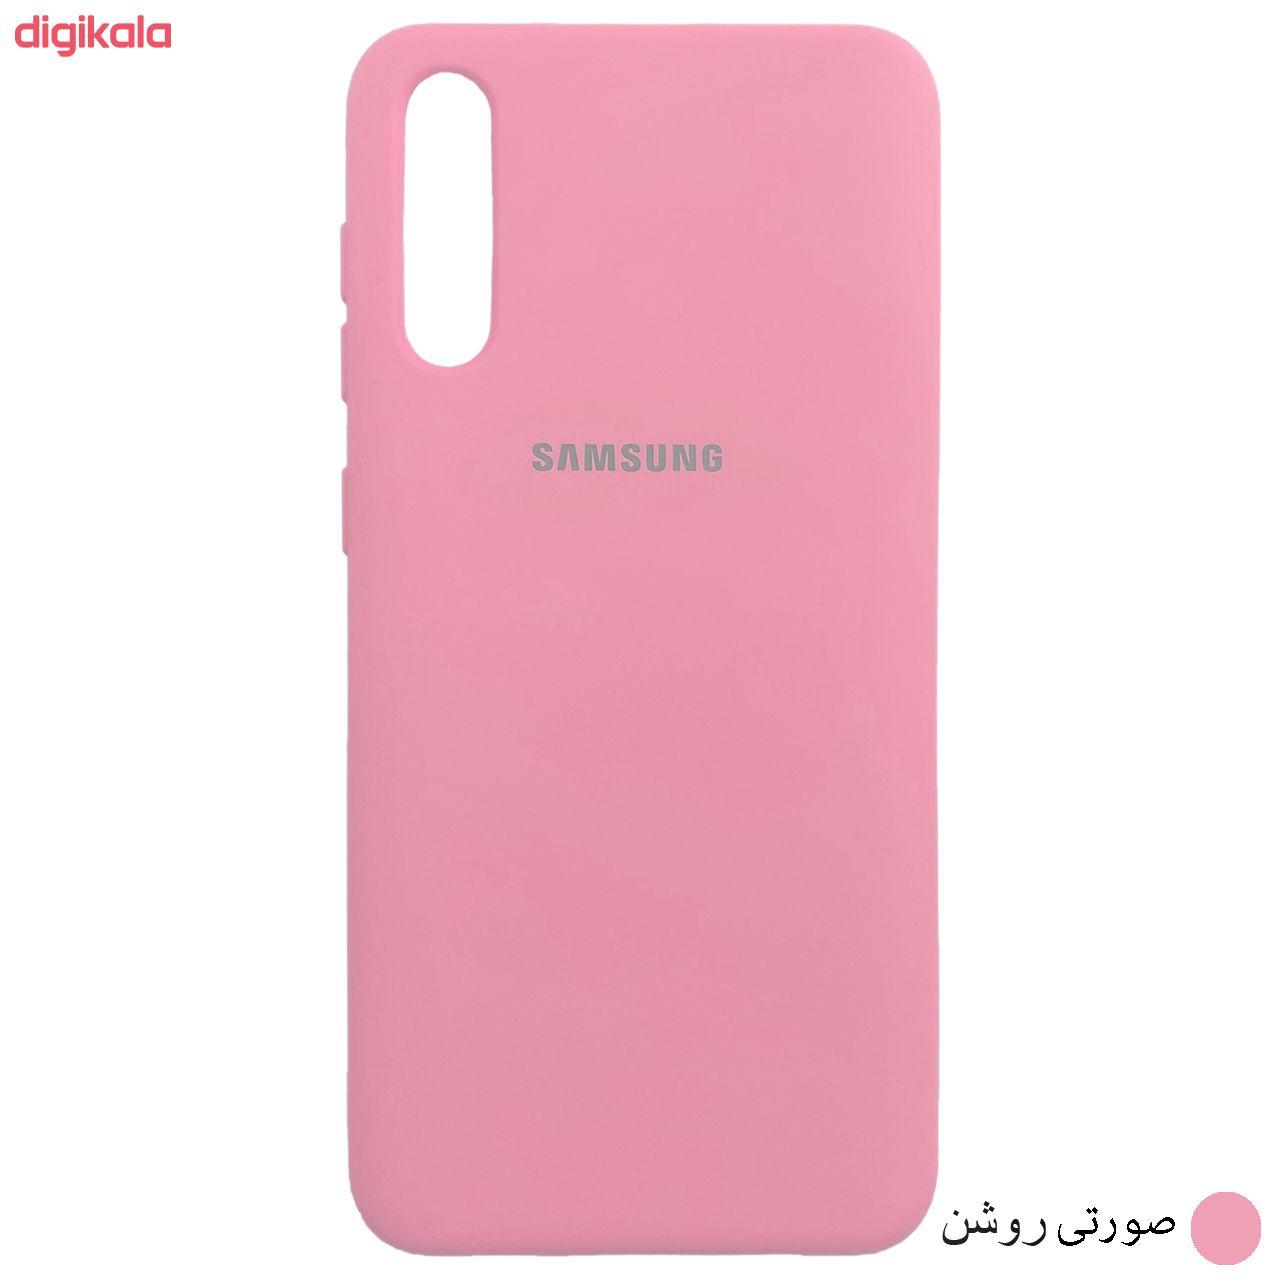 کاور مدل SCN مناسب برای گوشی موبایل سامسونگ Galaxy A50 / A50s / A30s main 1 14